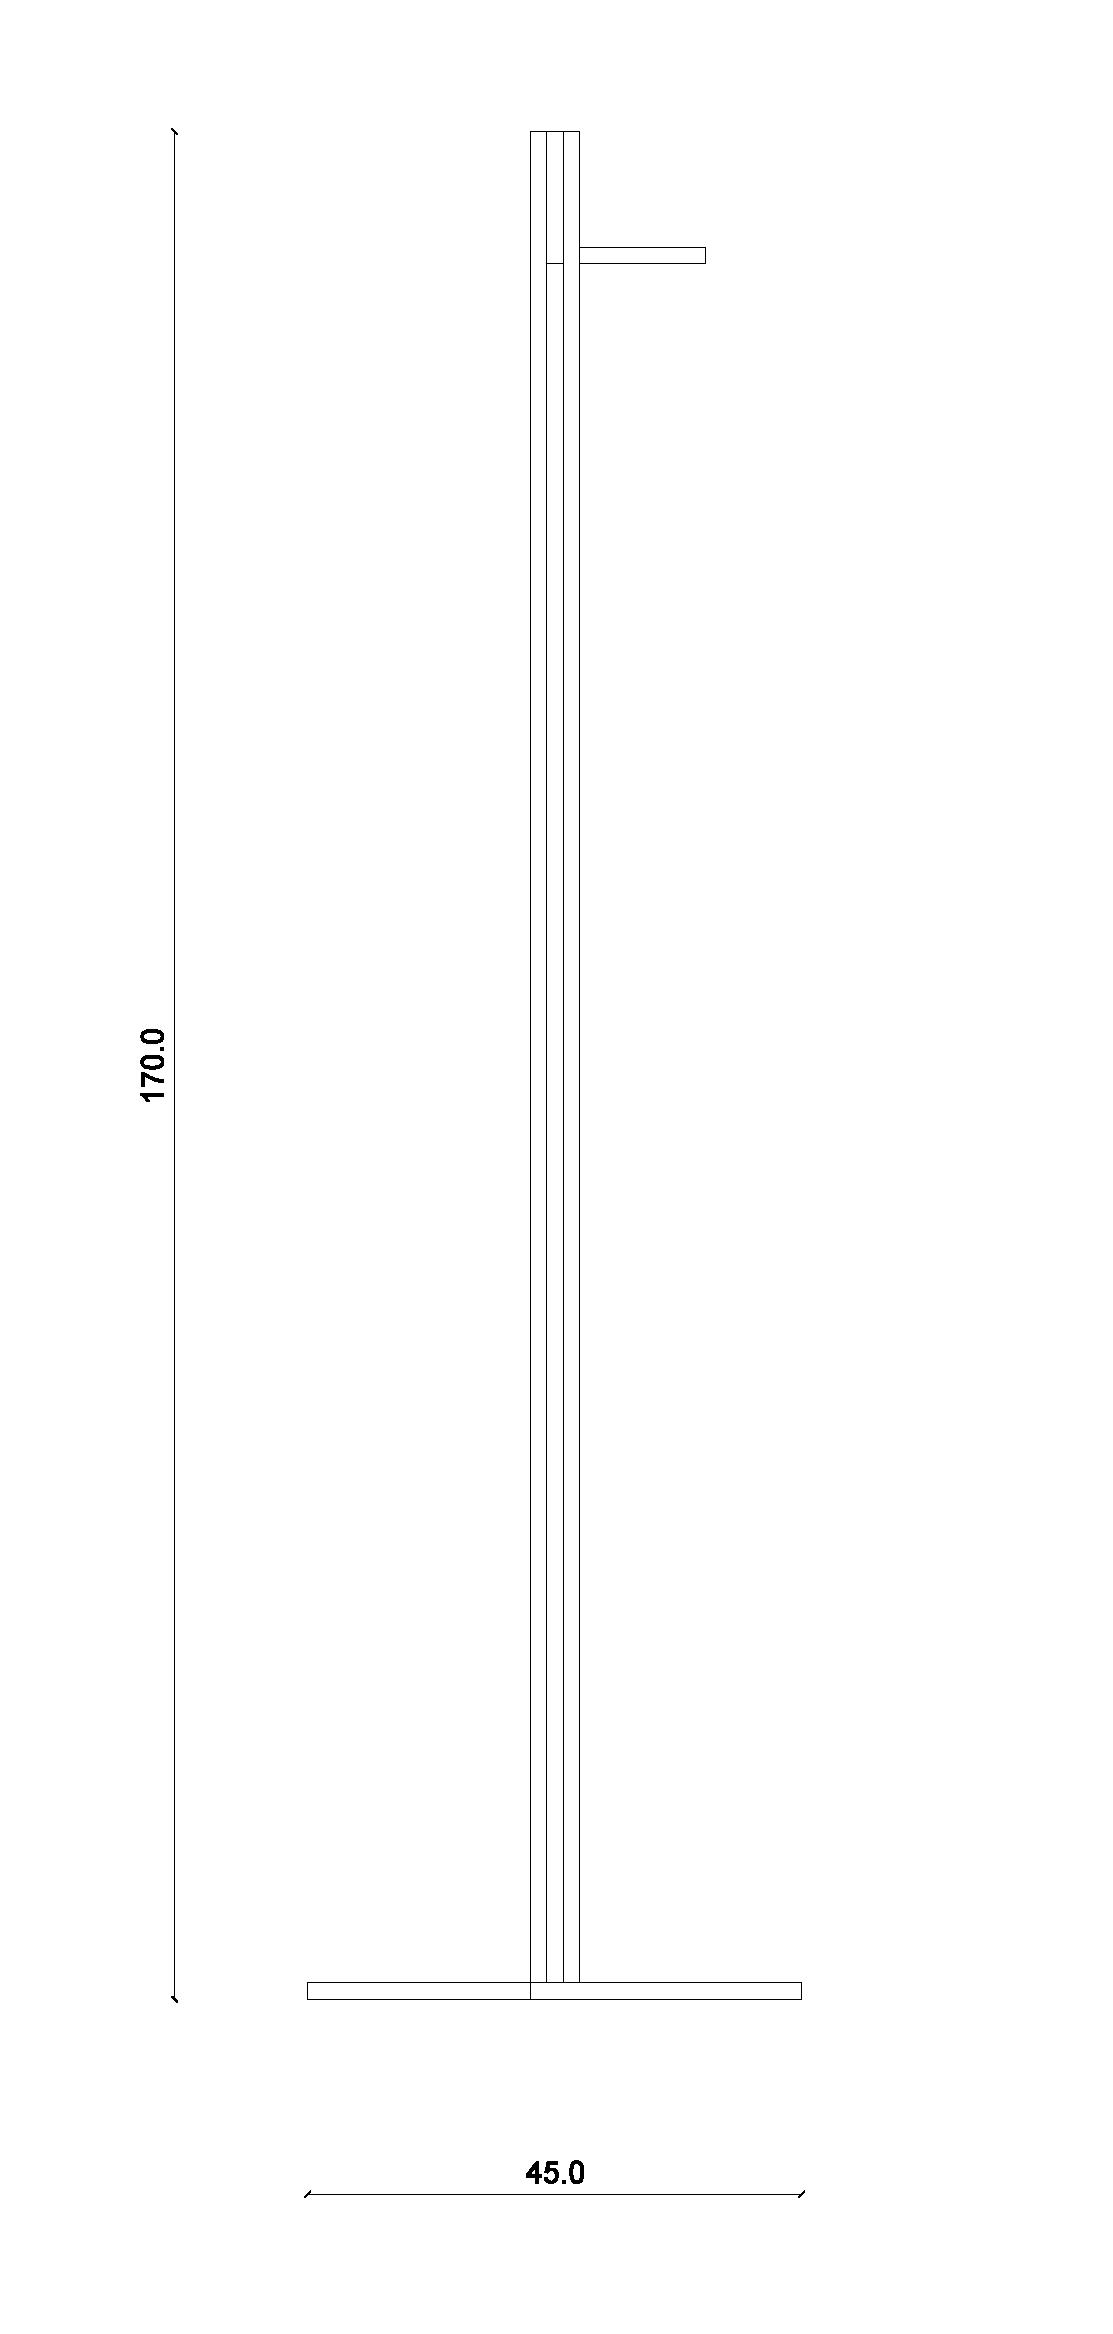 Appendiabiti Di Design Moderno.L101 Appendiabiti Moderno Dal Design Minimale Lanzi